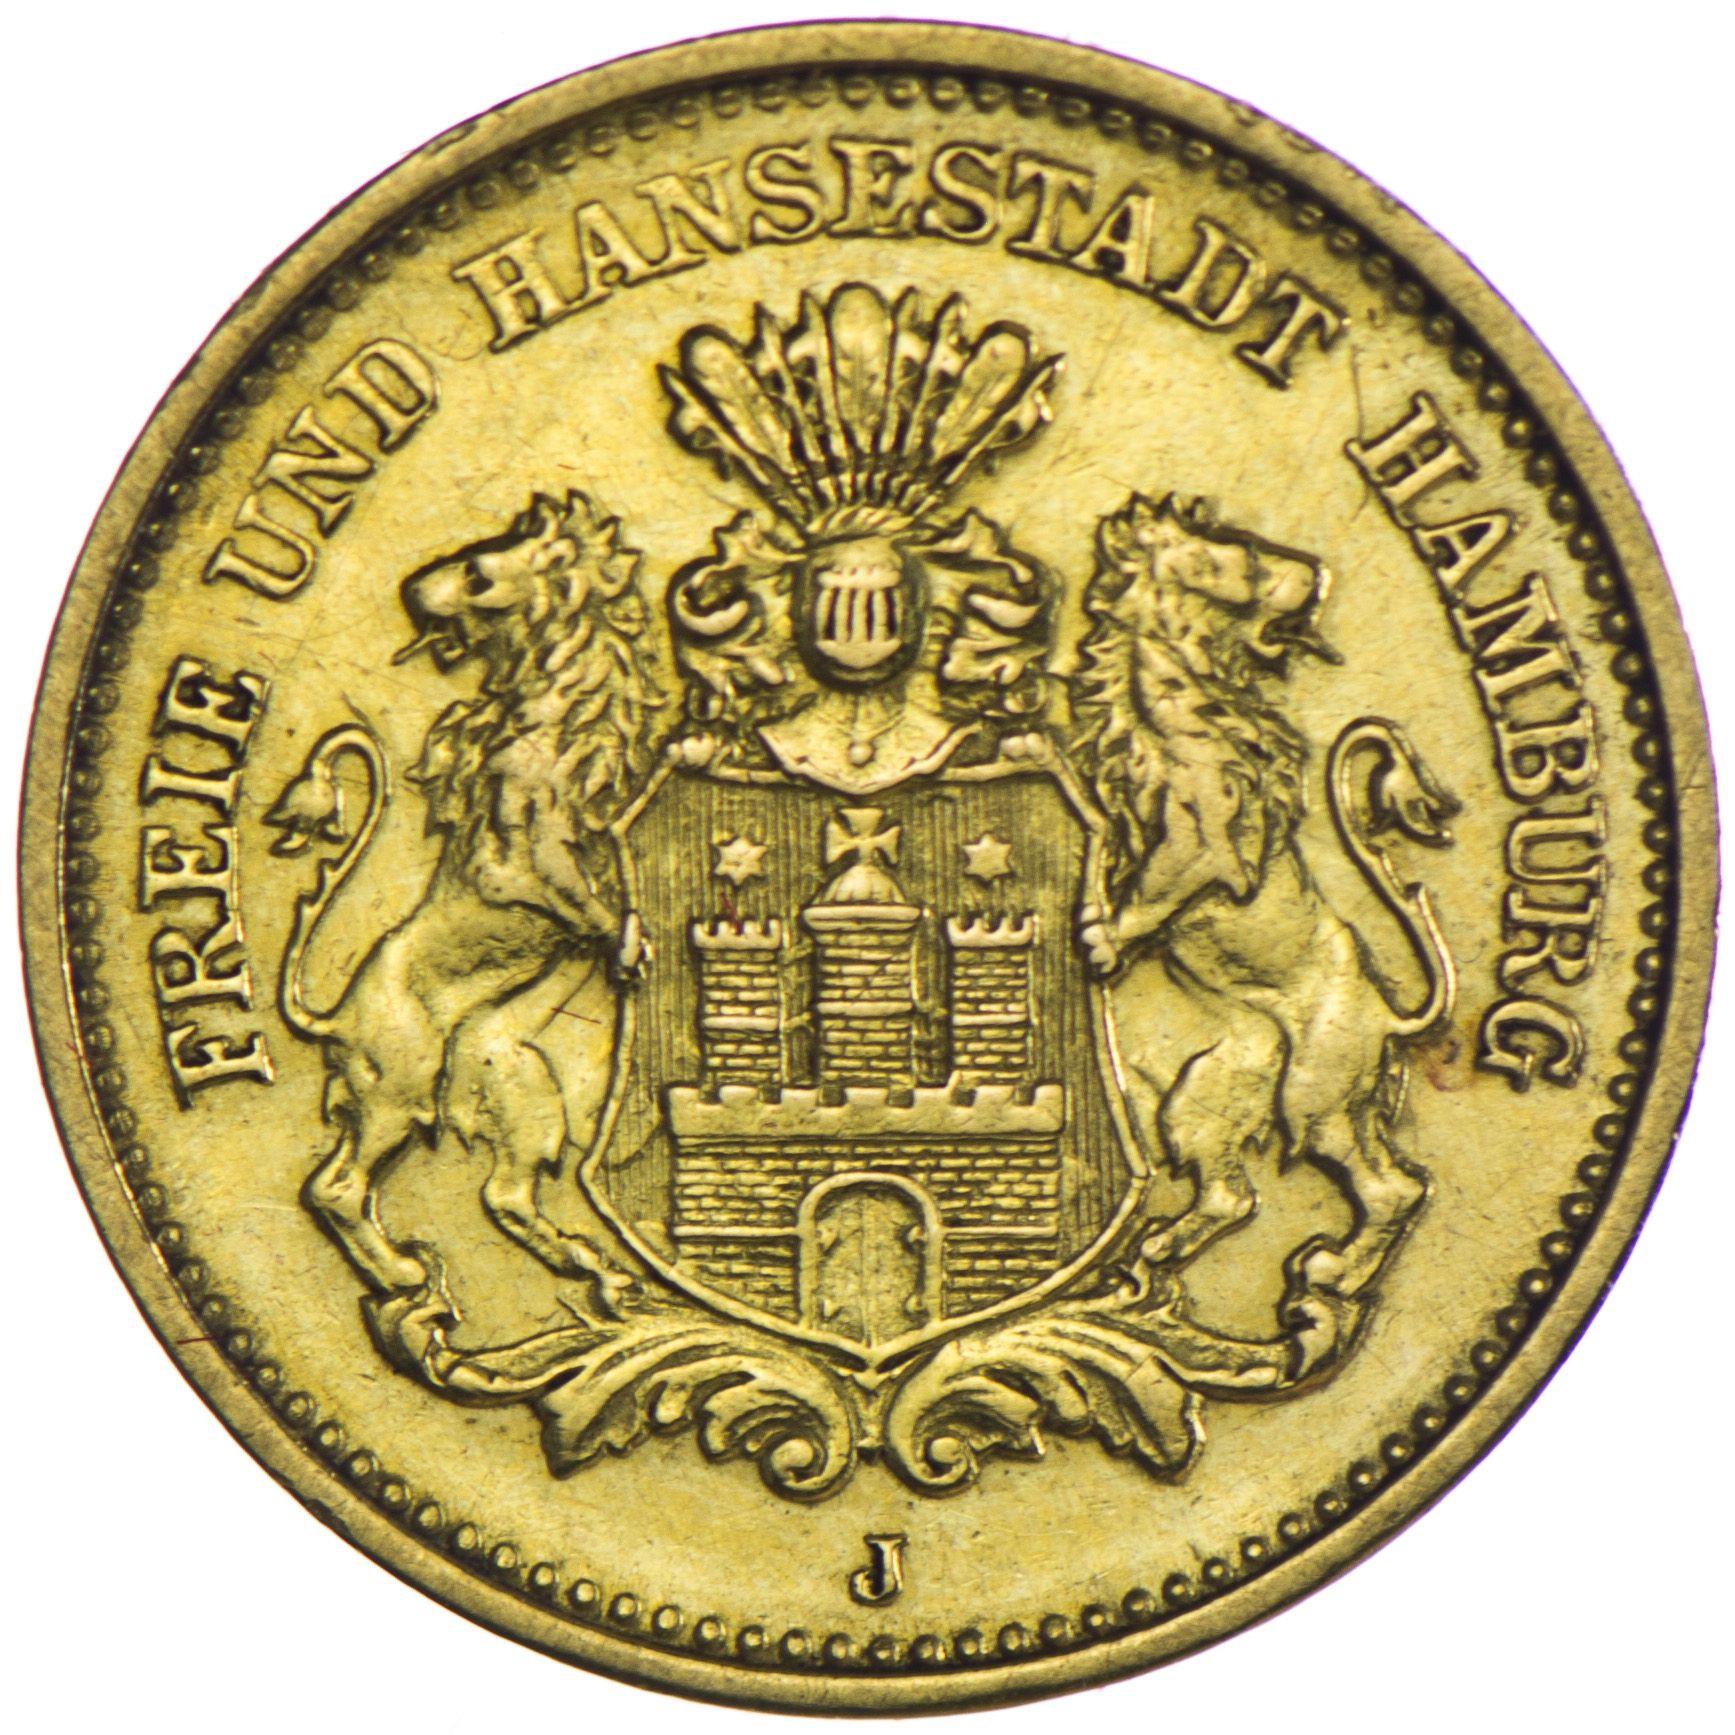 Hamburg 5 Mark 1877 J Gold, Auflage nur 440.000 Stück